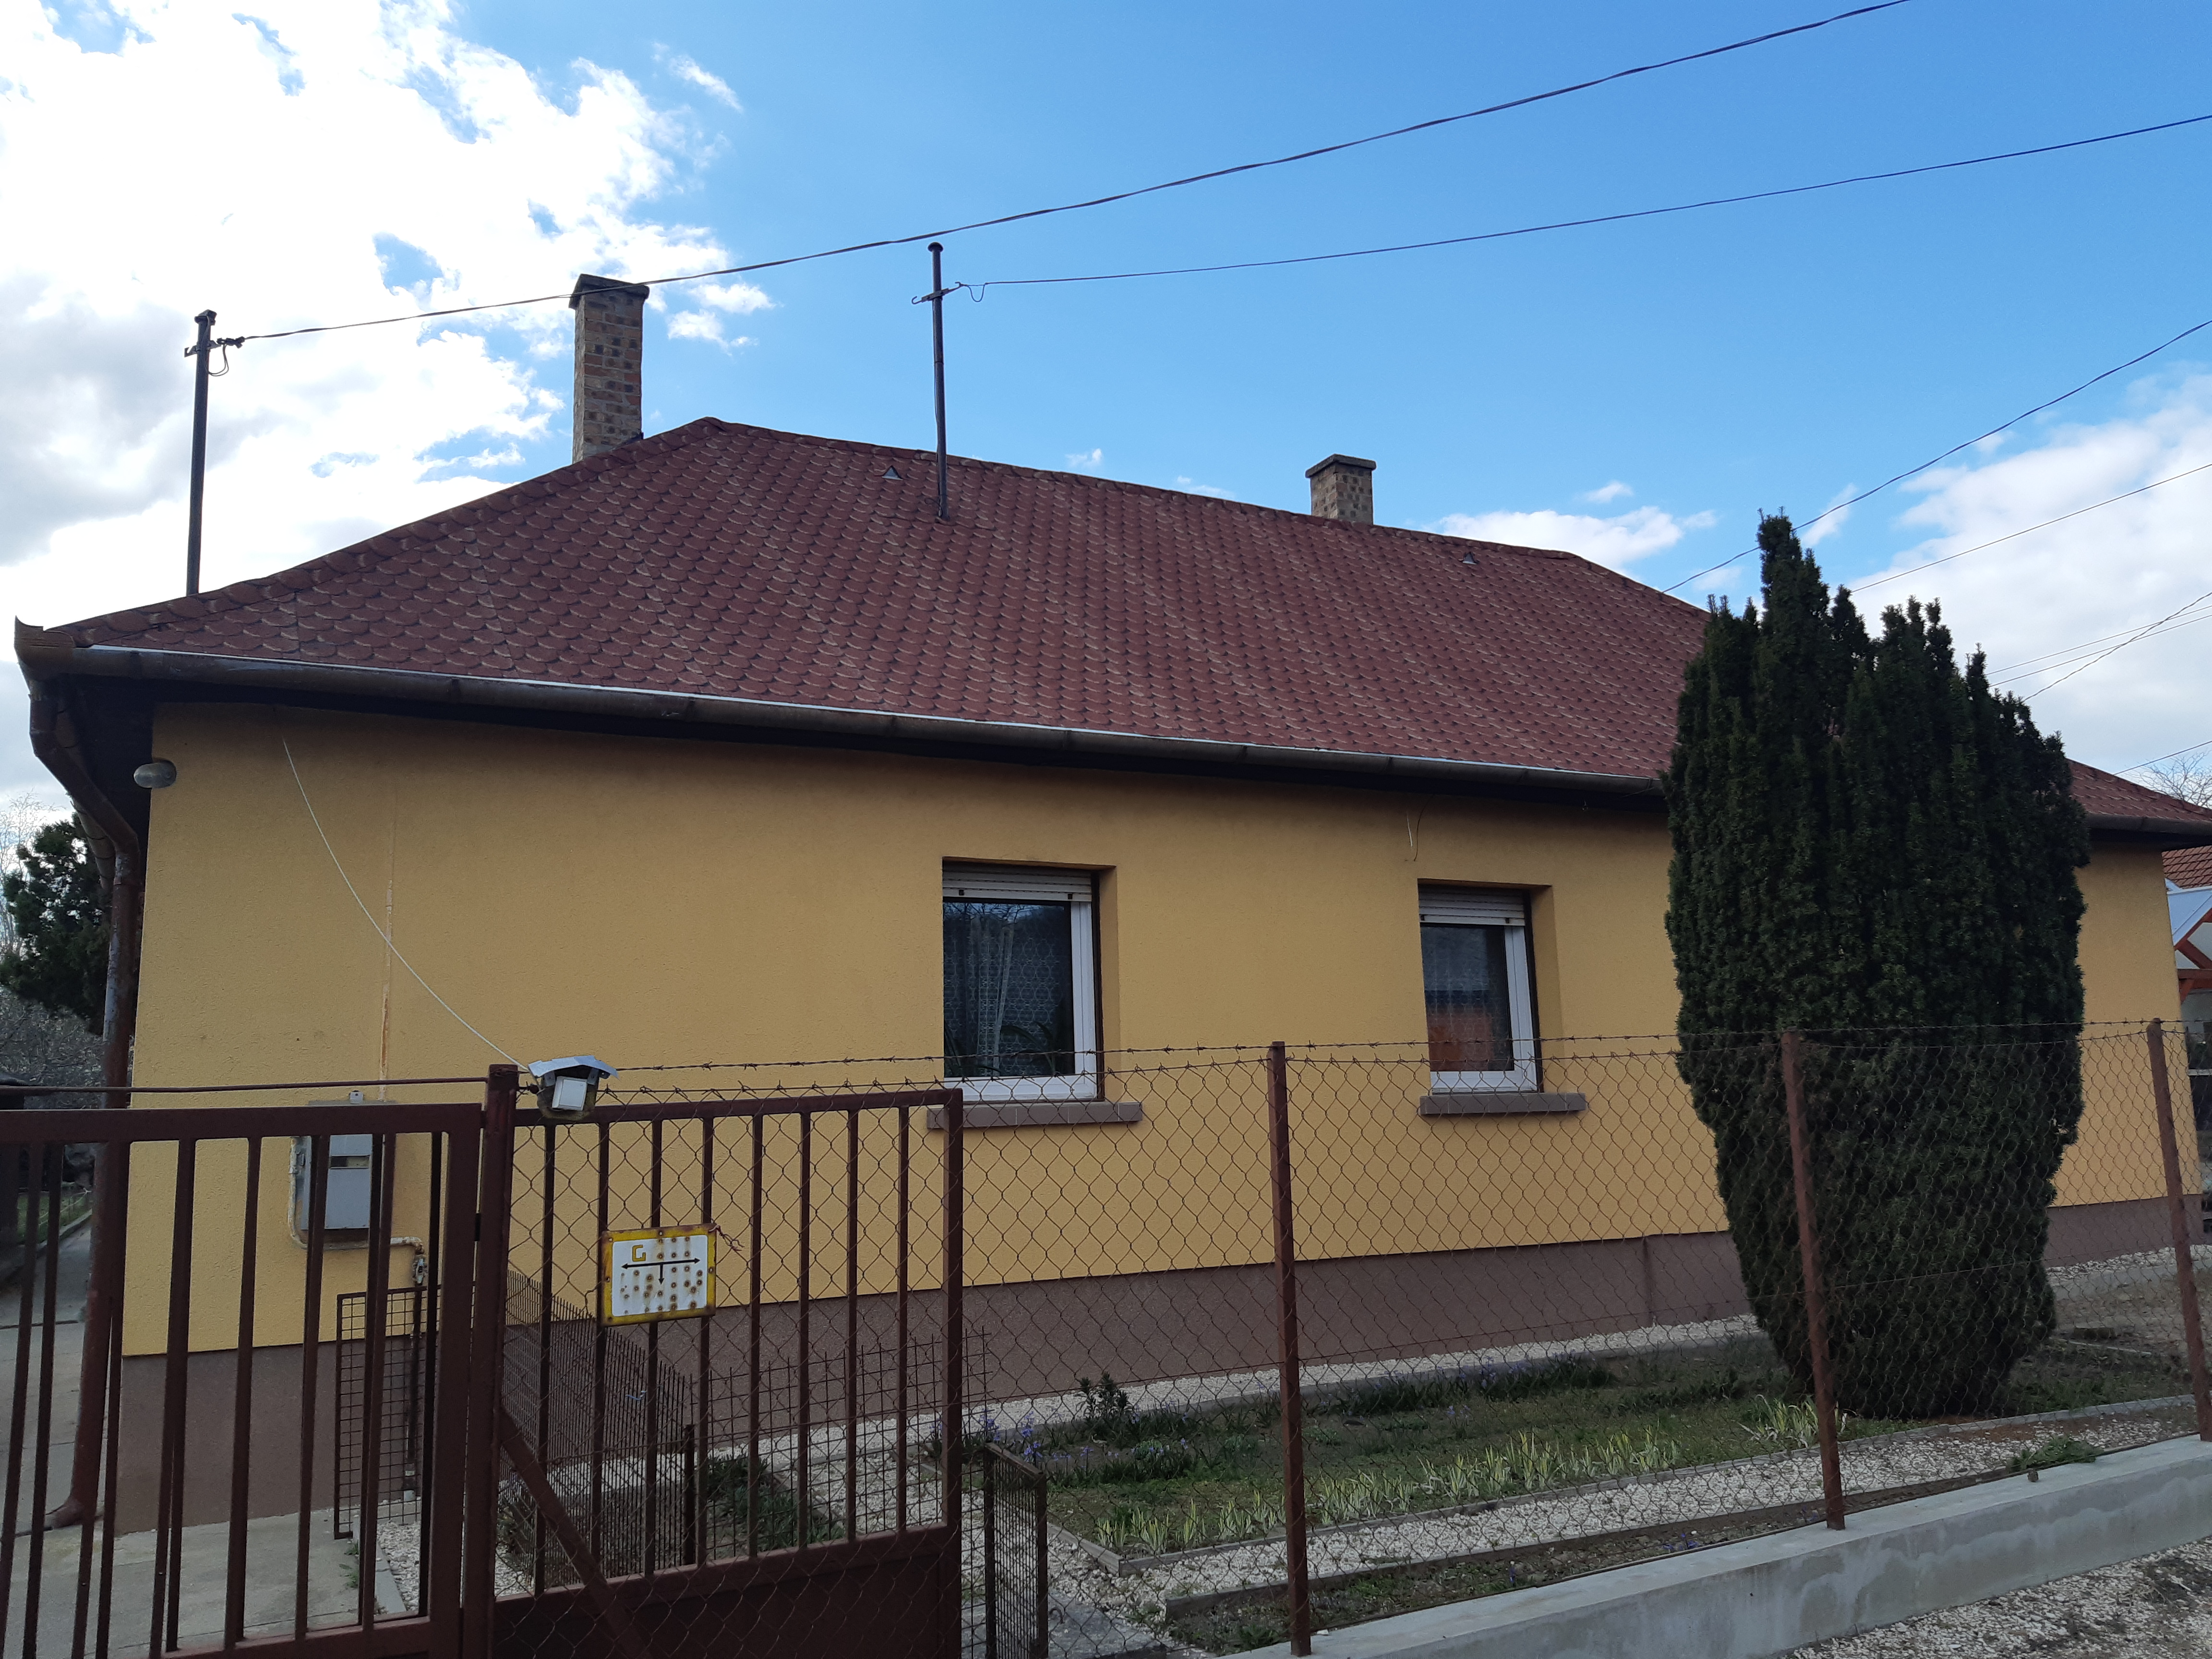 Palatető felújítás Varsány, palatető szigetelés VarsányTeljes tető felújítása